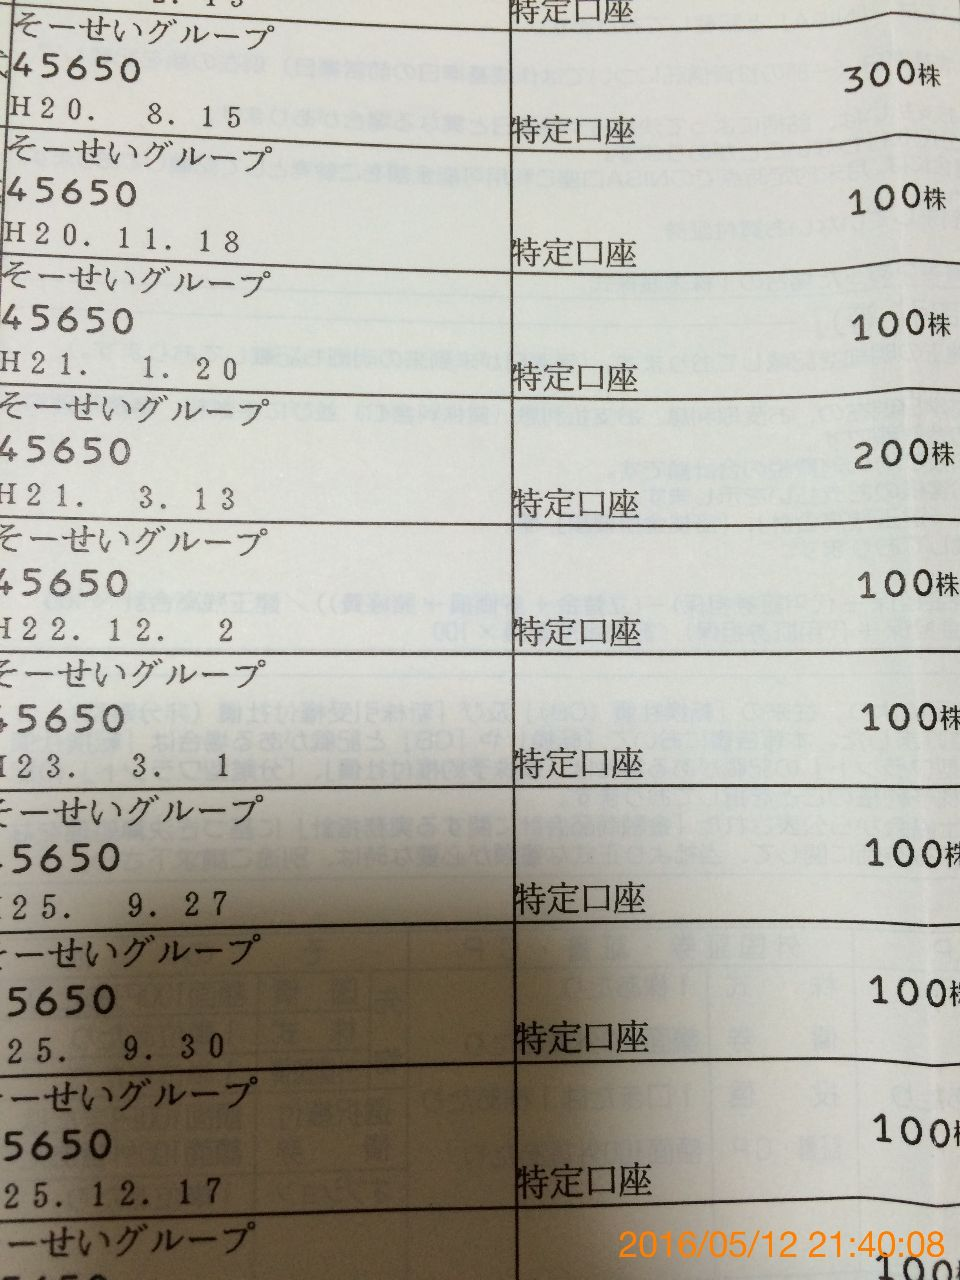 4565 - そーせいグループ(株) > 【お寿司先輩毎日頑張りますな〰‼】名前を変えて沢山投稿してますな〰‼    ↑